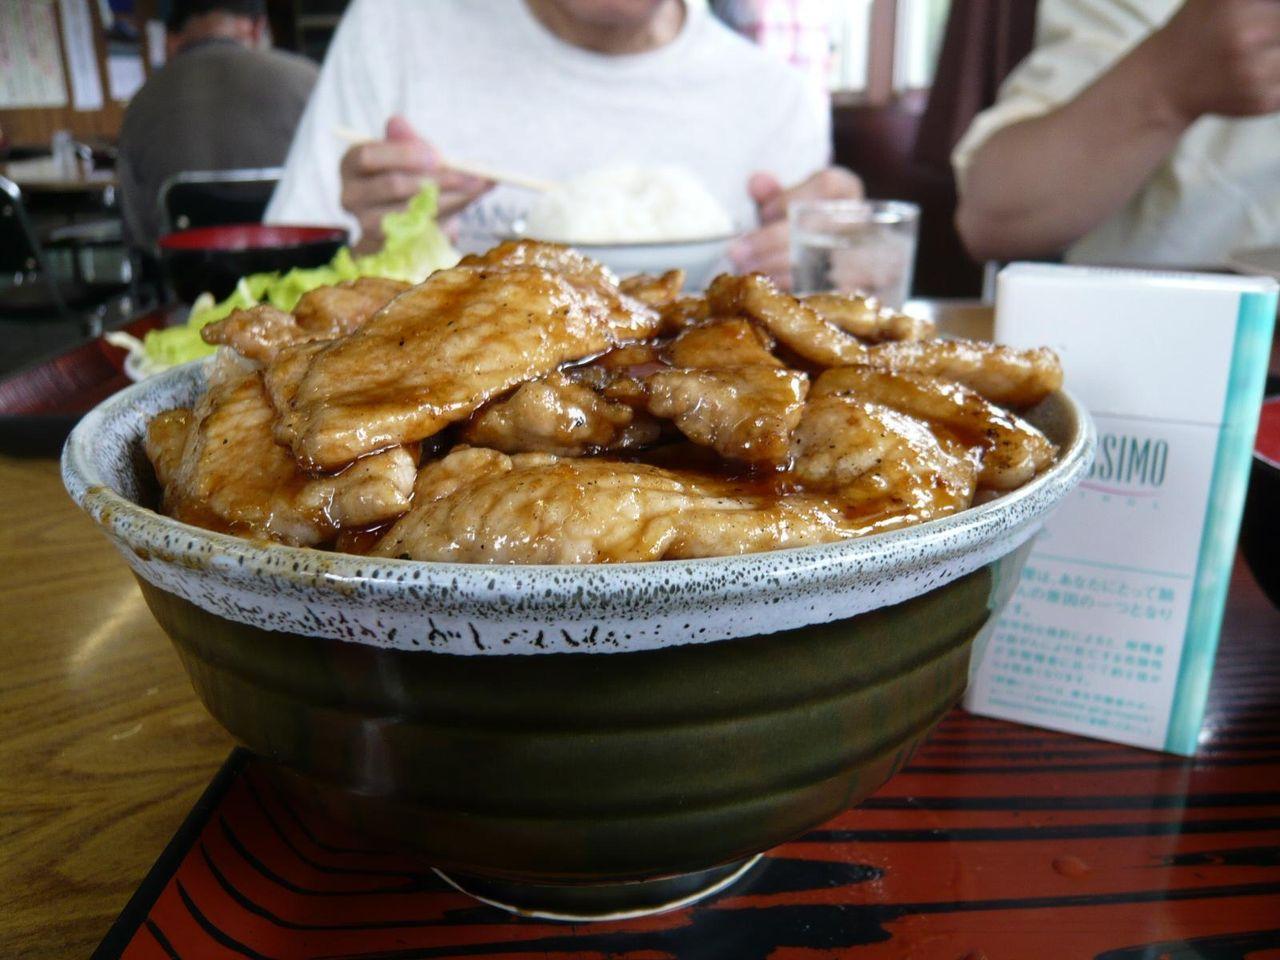 焼肉丼大盛は、直径17センチの丼にライスと焼肉がタップリ!